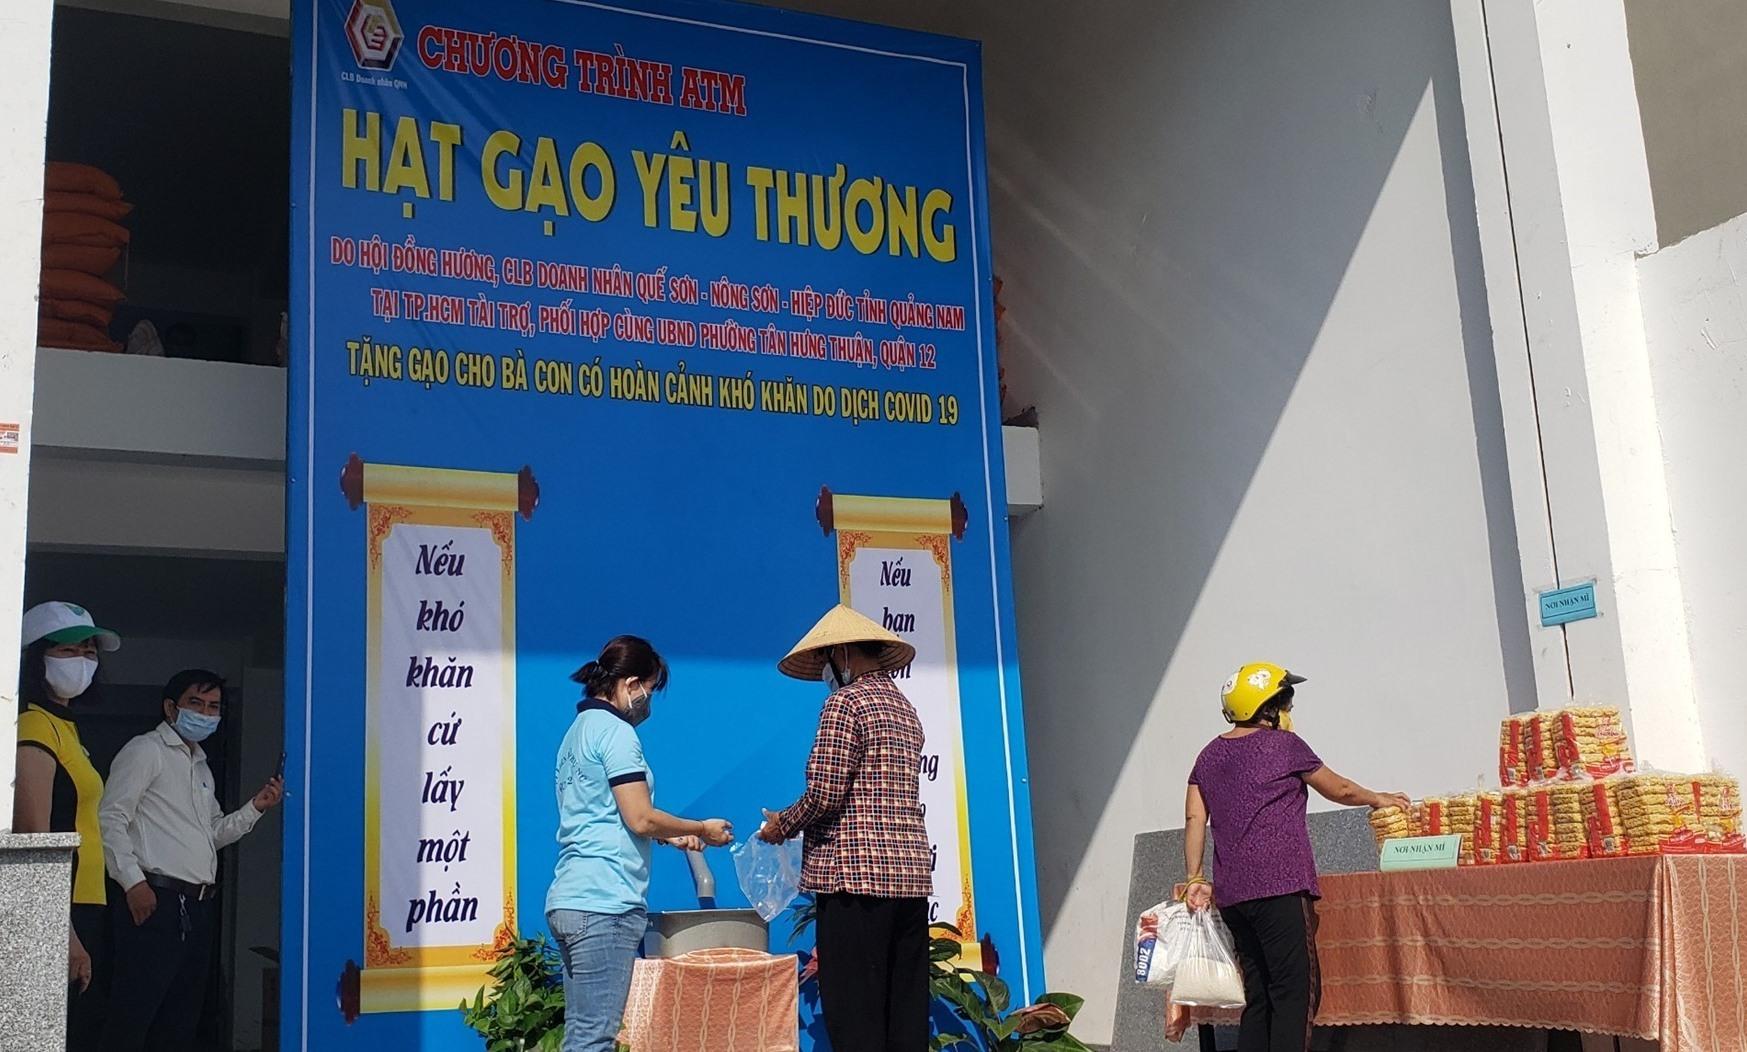 Người dân nhận gạo từ ATM Hạt gạo yêu thương. Ảnh: PHÚC HOÀNG